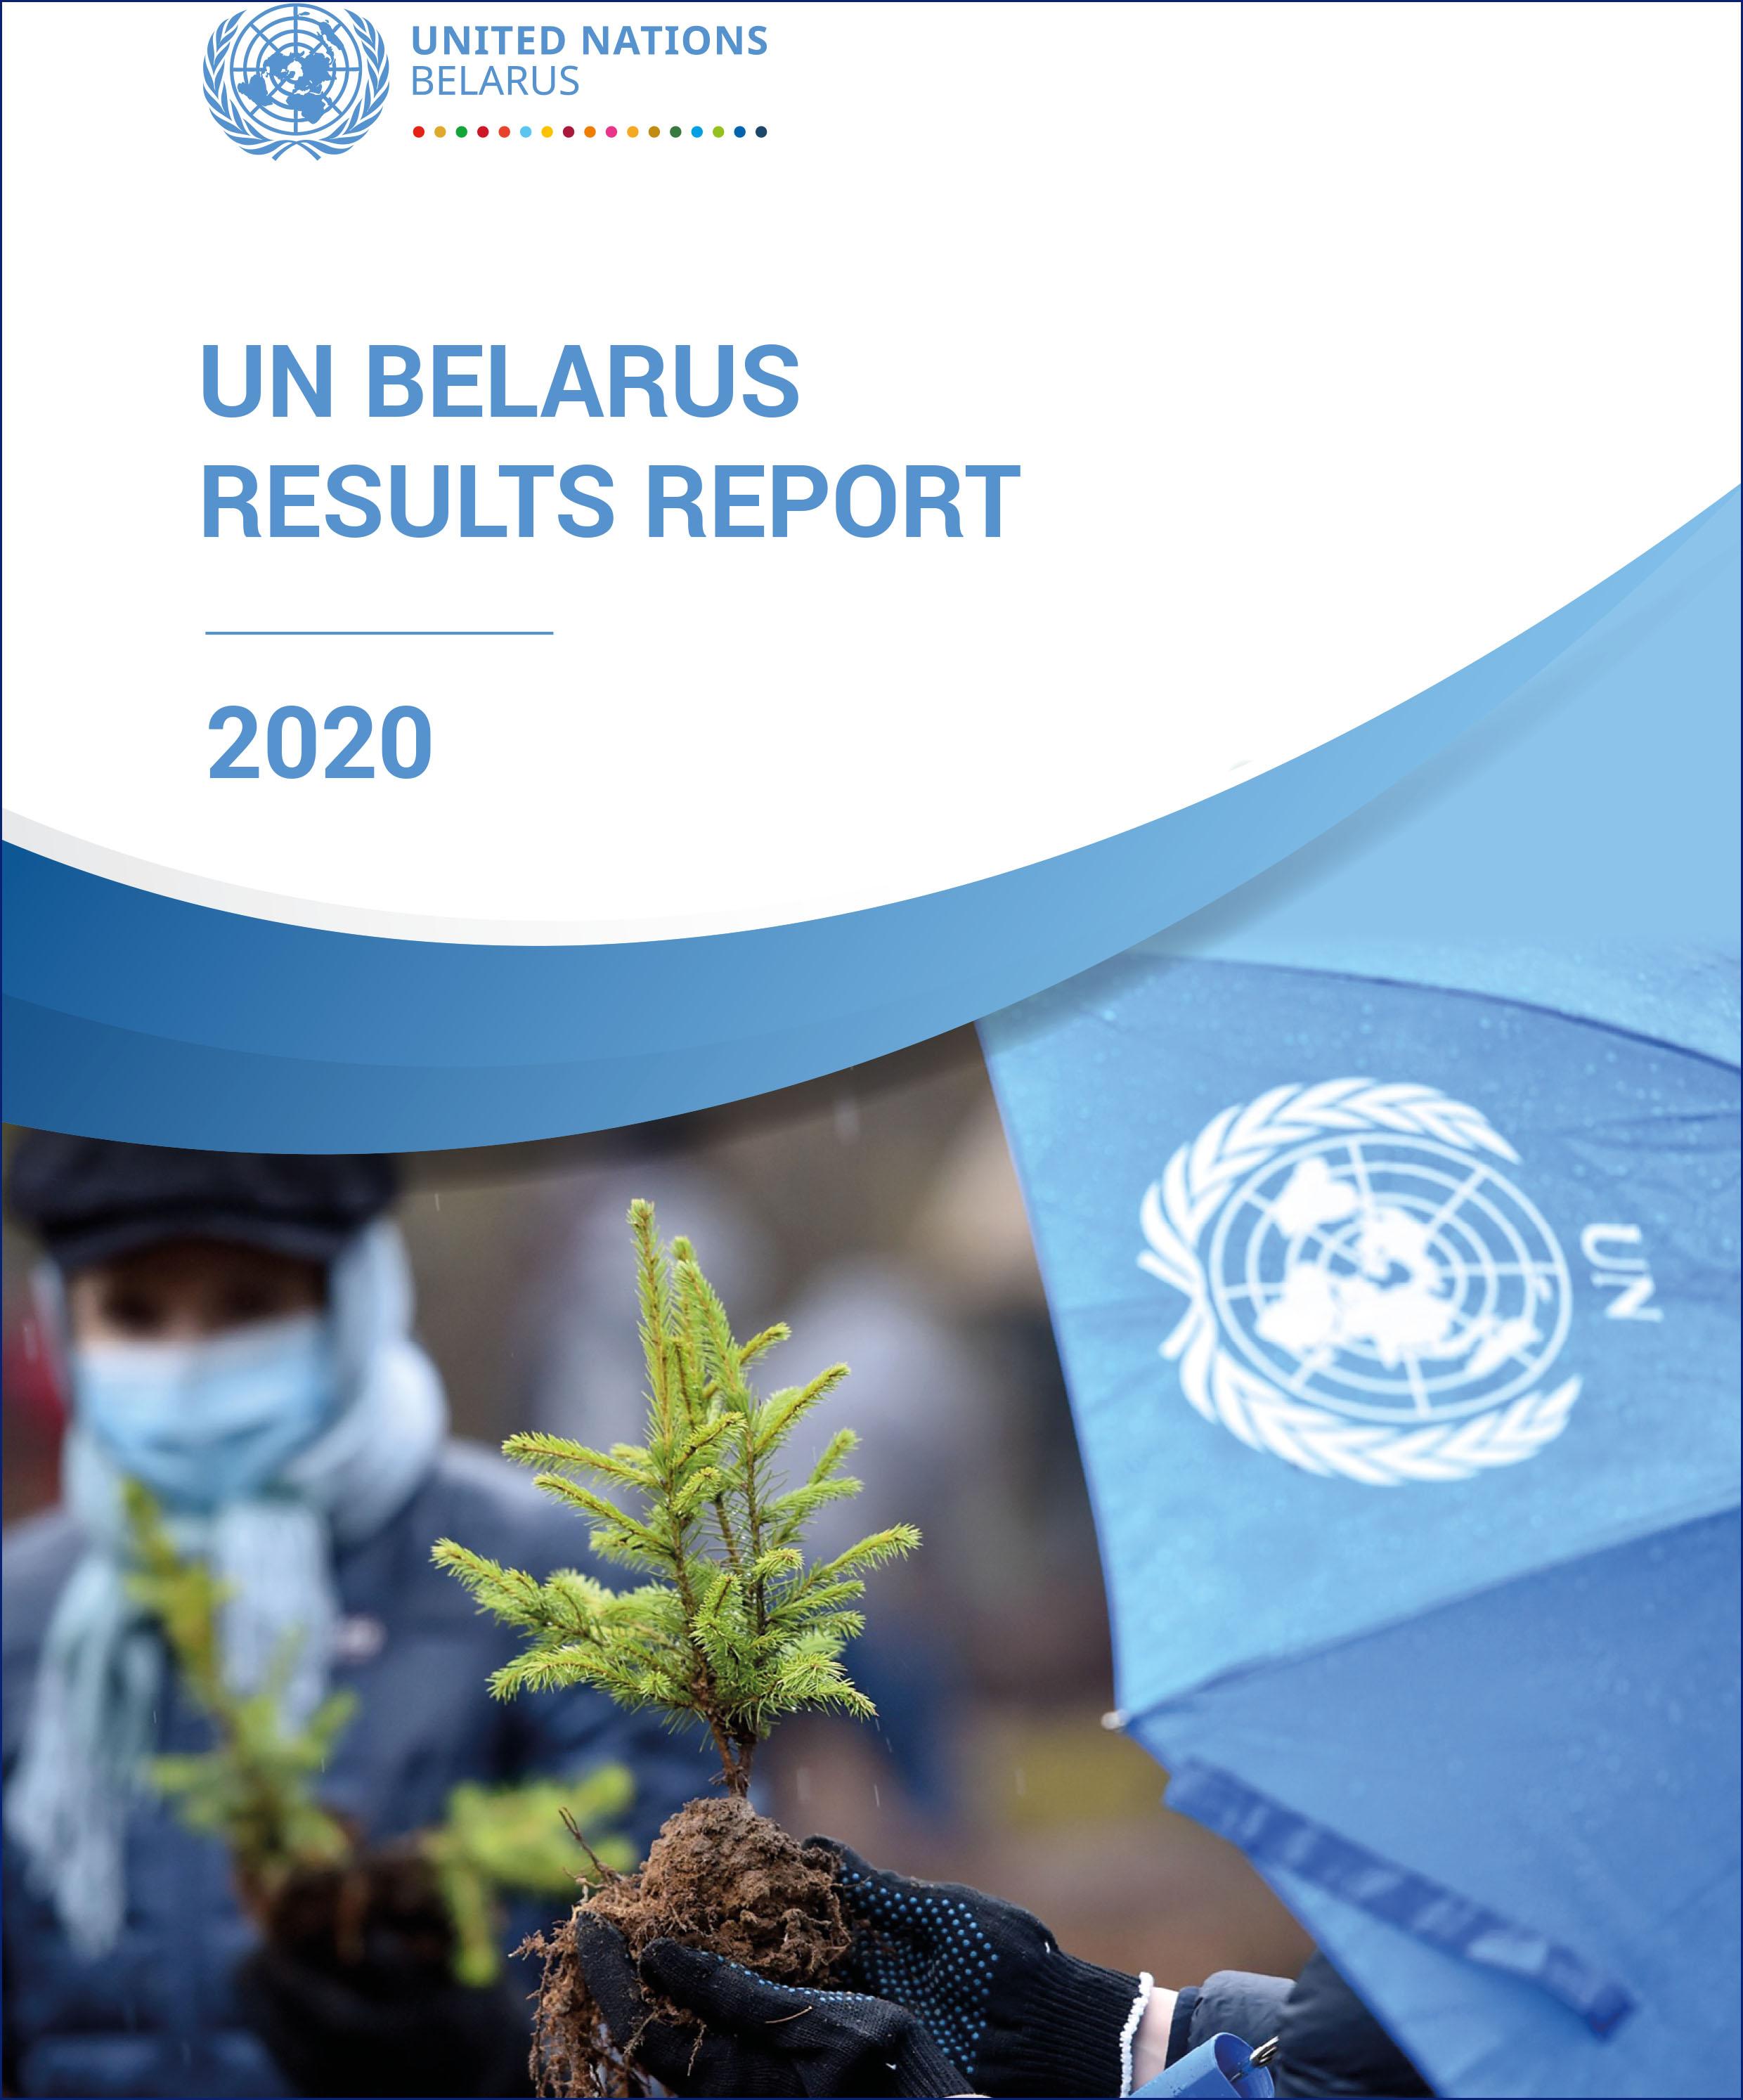 UN Belarus Results Report 2020